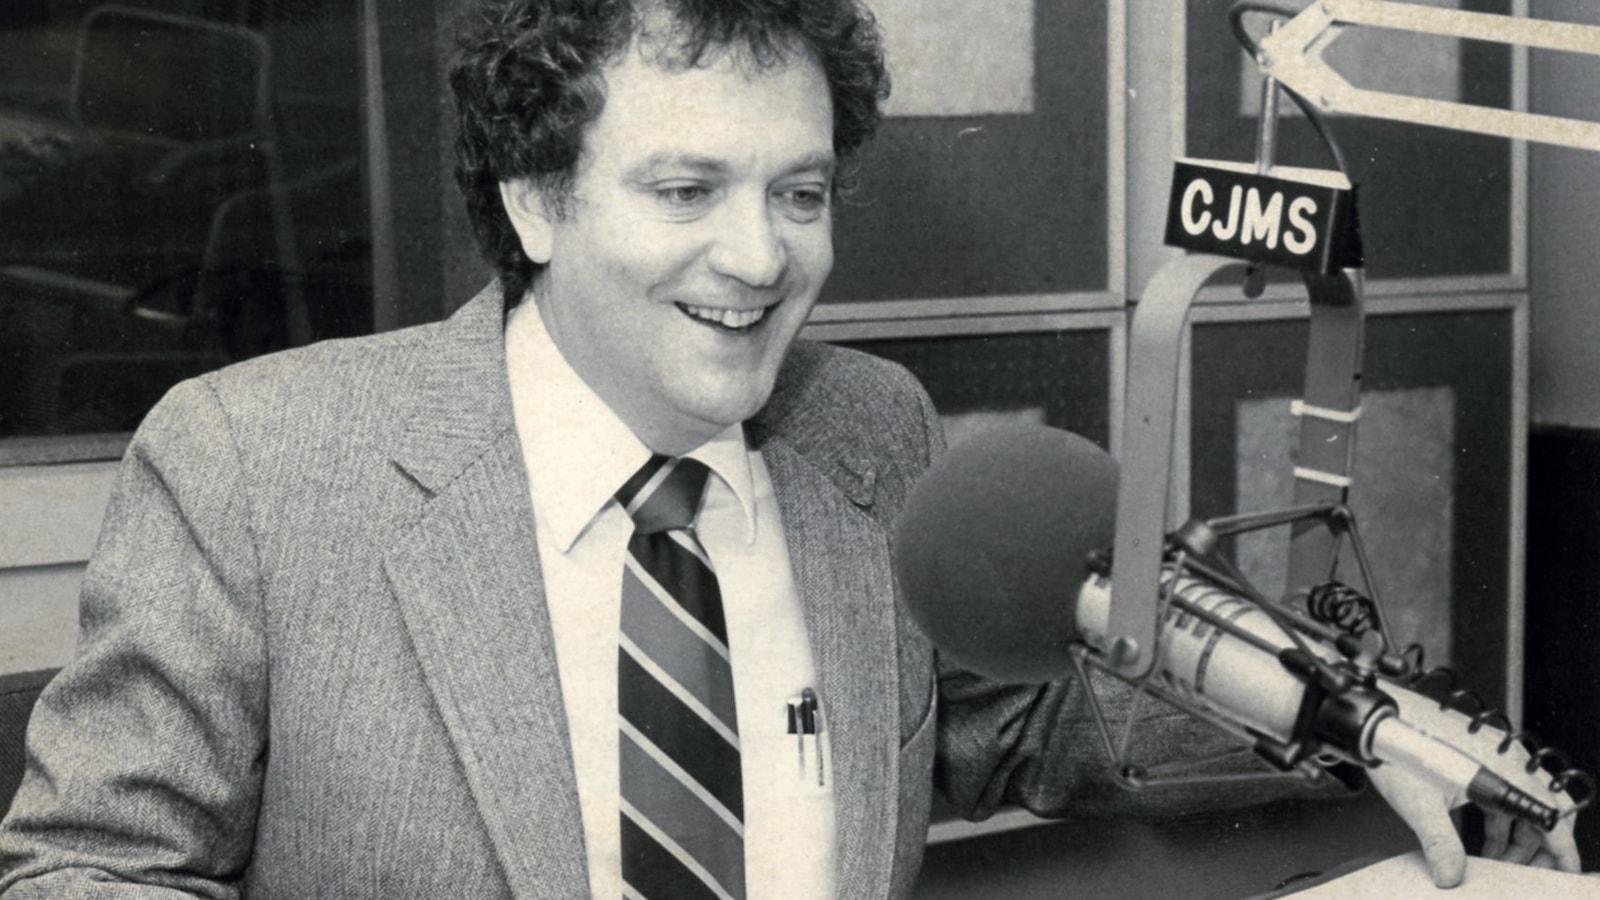 Pierre Marcotte parle au micro de l'ancienne station de radio montréalaise CJMS.